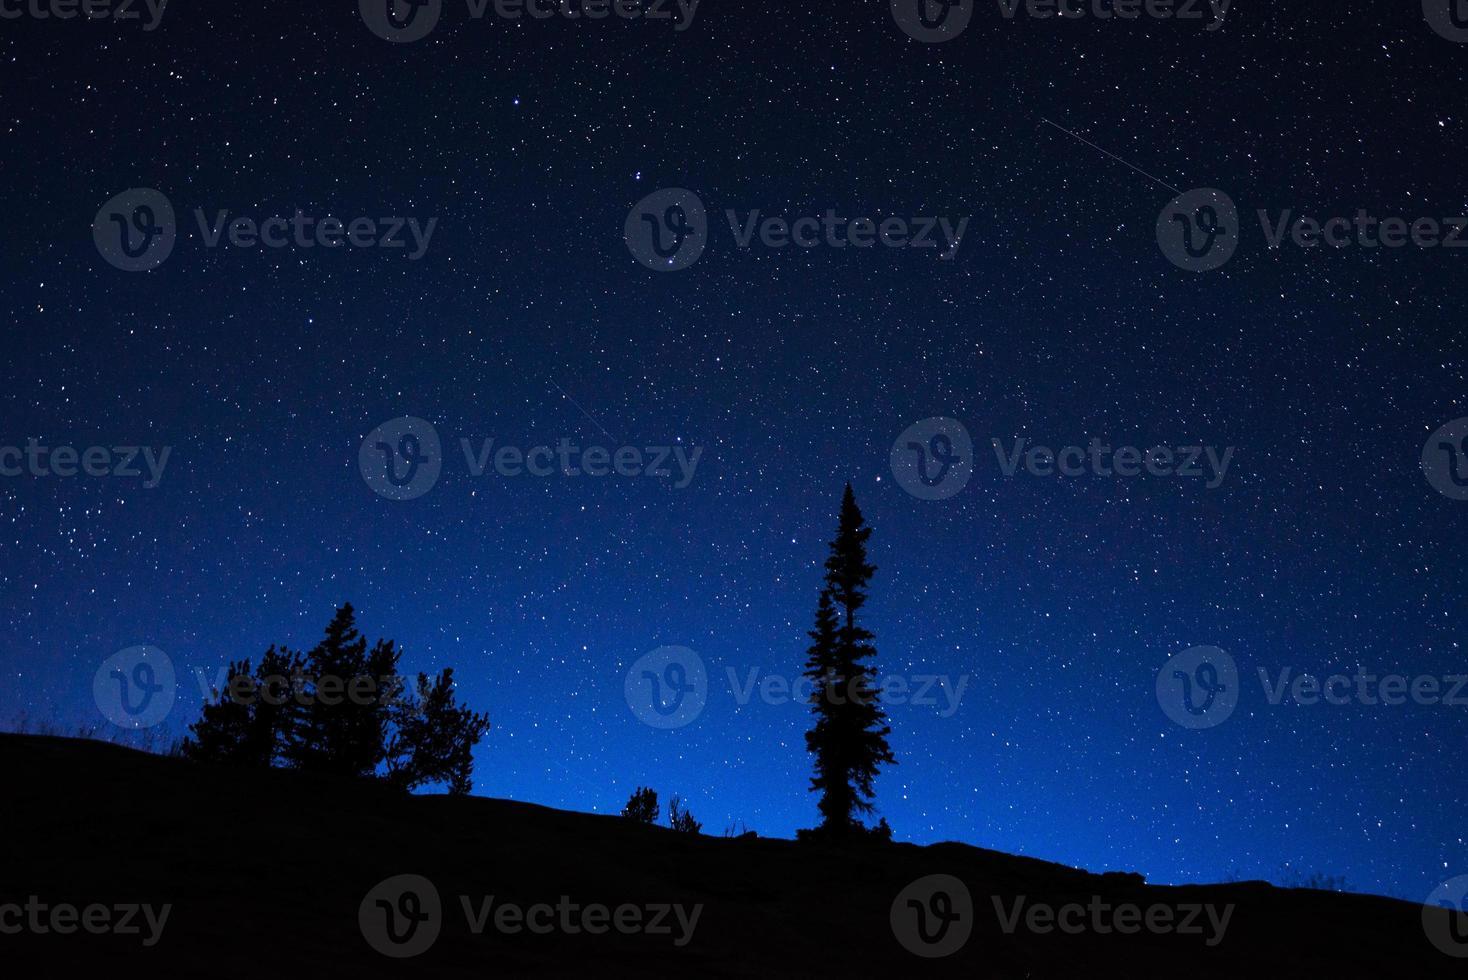 wyoming nachtelijke hemel foto